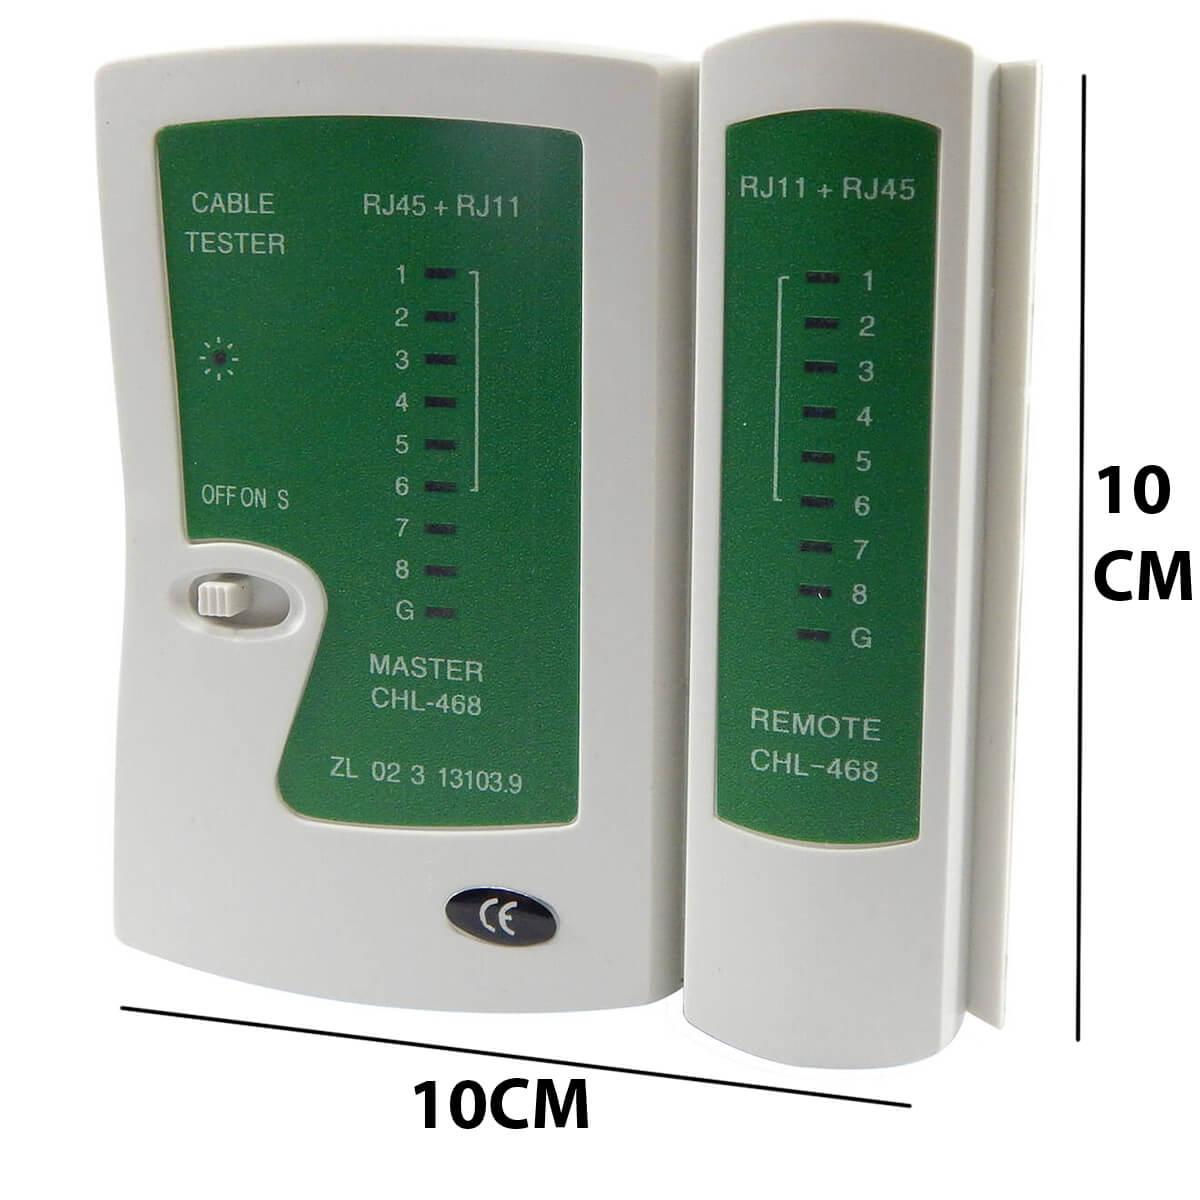 KIT Multímetro Digital MD-180L + Testador de Cabo RJ45 e RJ11